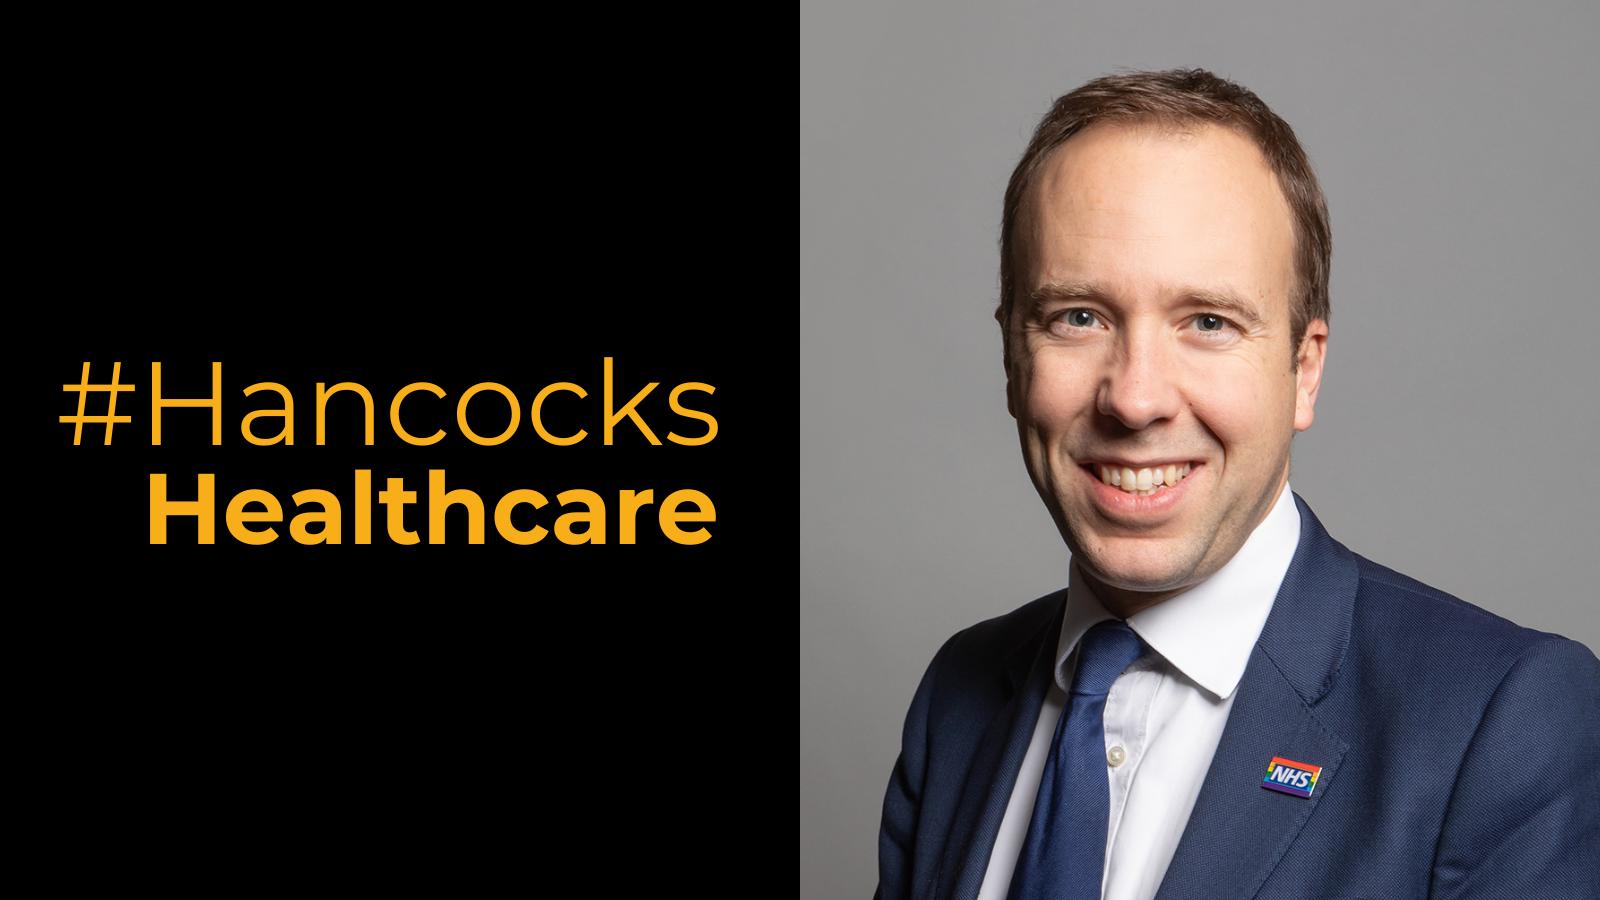 hancocks-healthcare.png